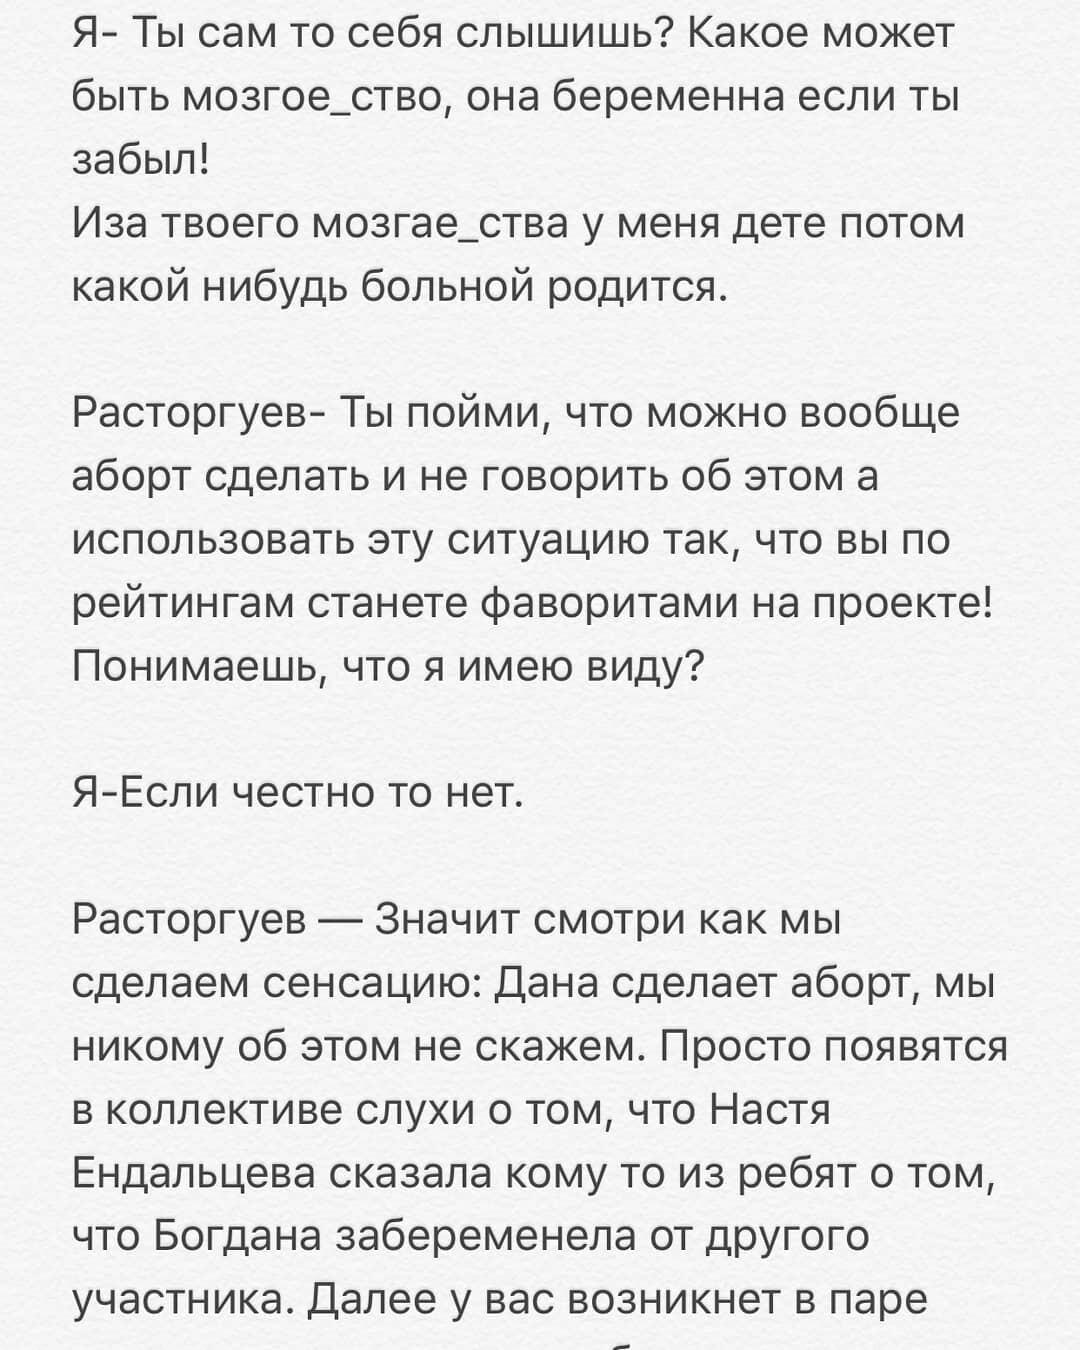 Дмитрий Кварацхелия продолжает разоблачать руководство проекта